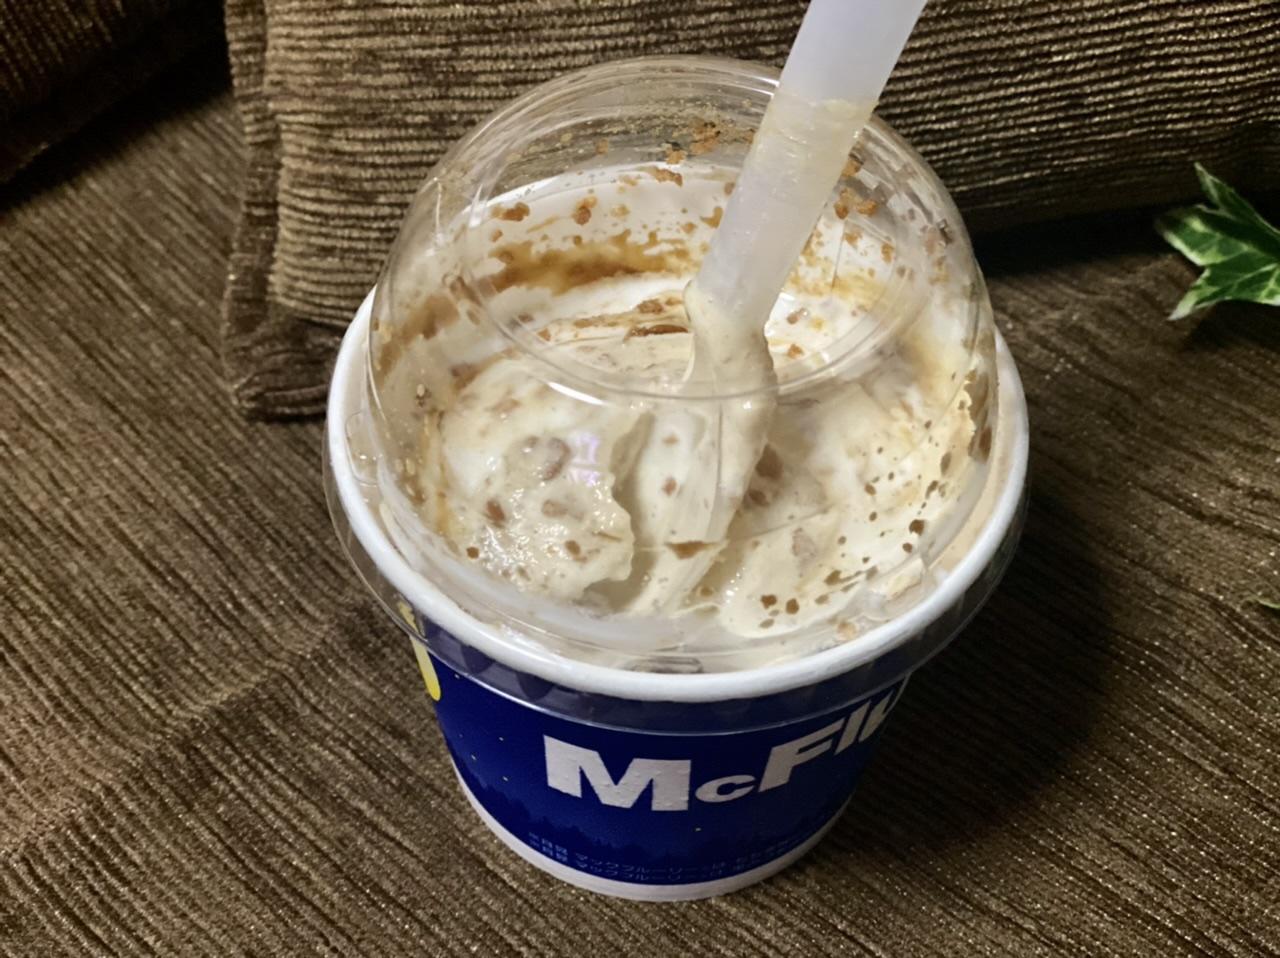 【マクドナルド】300kcal以下!黒みつ×わらびもち《マックフルーリー月見》が美味♡_3